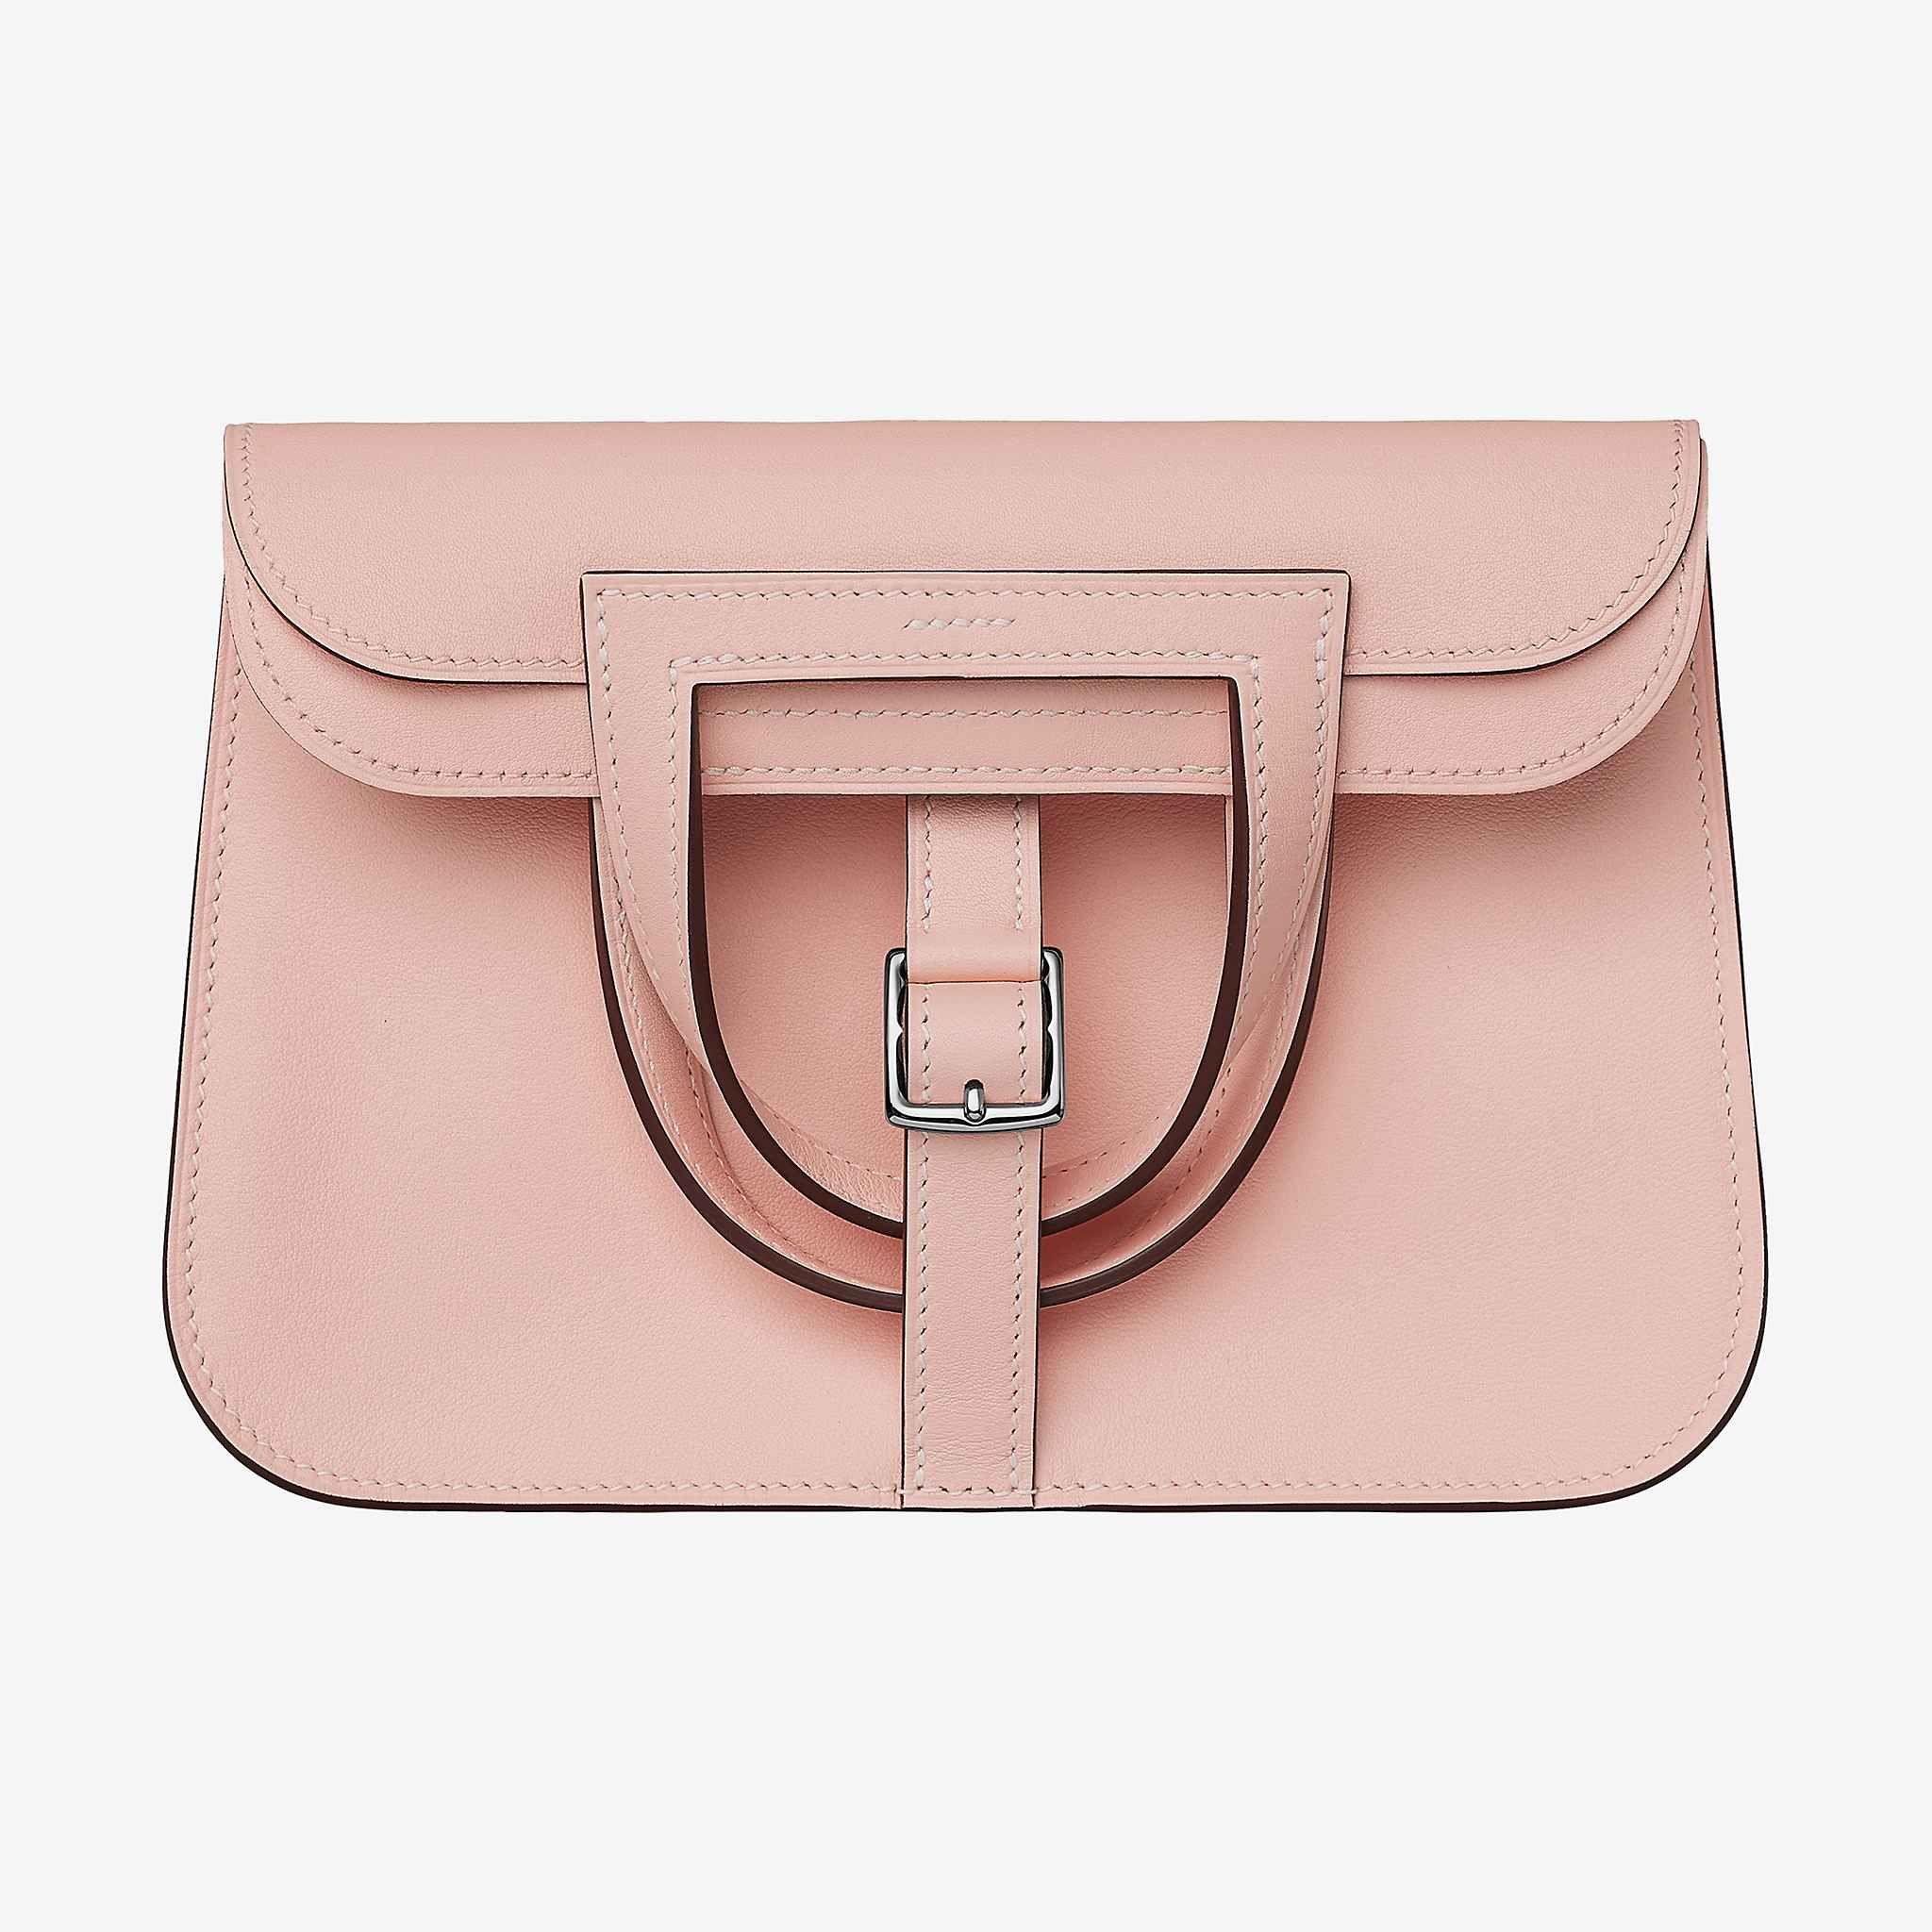 eab4dbe7b00a Halzan mini bag in 2019